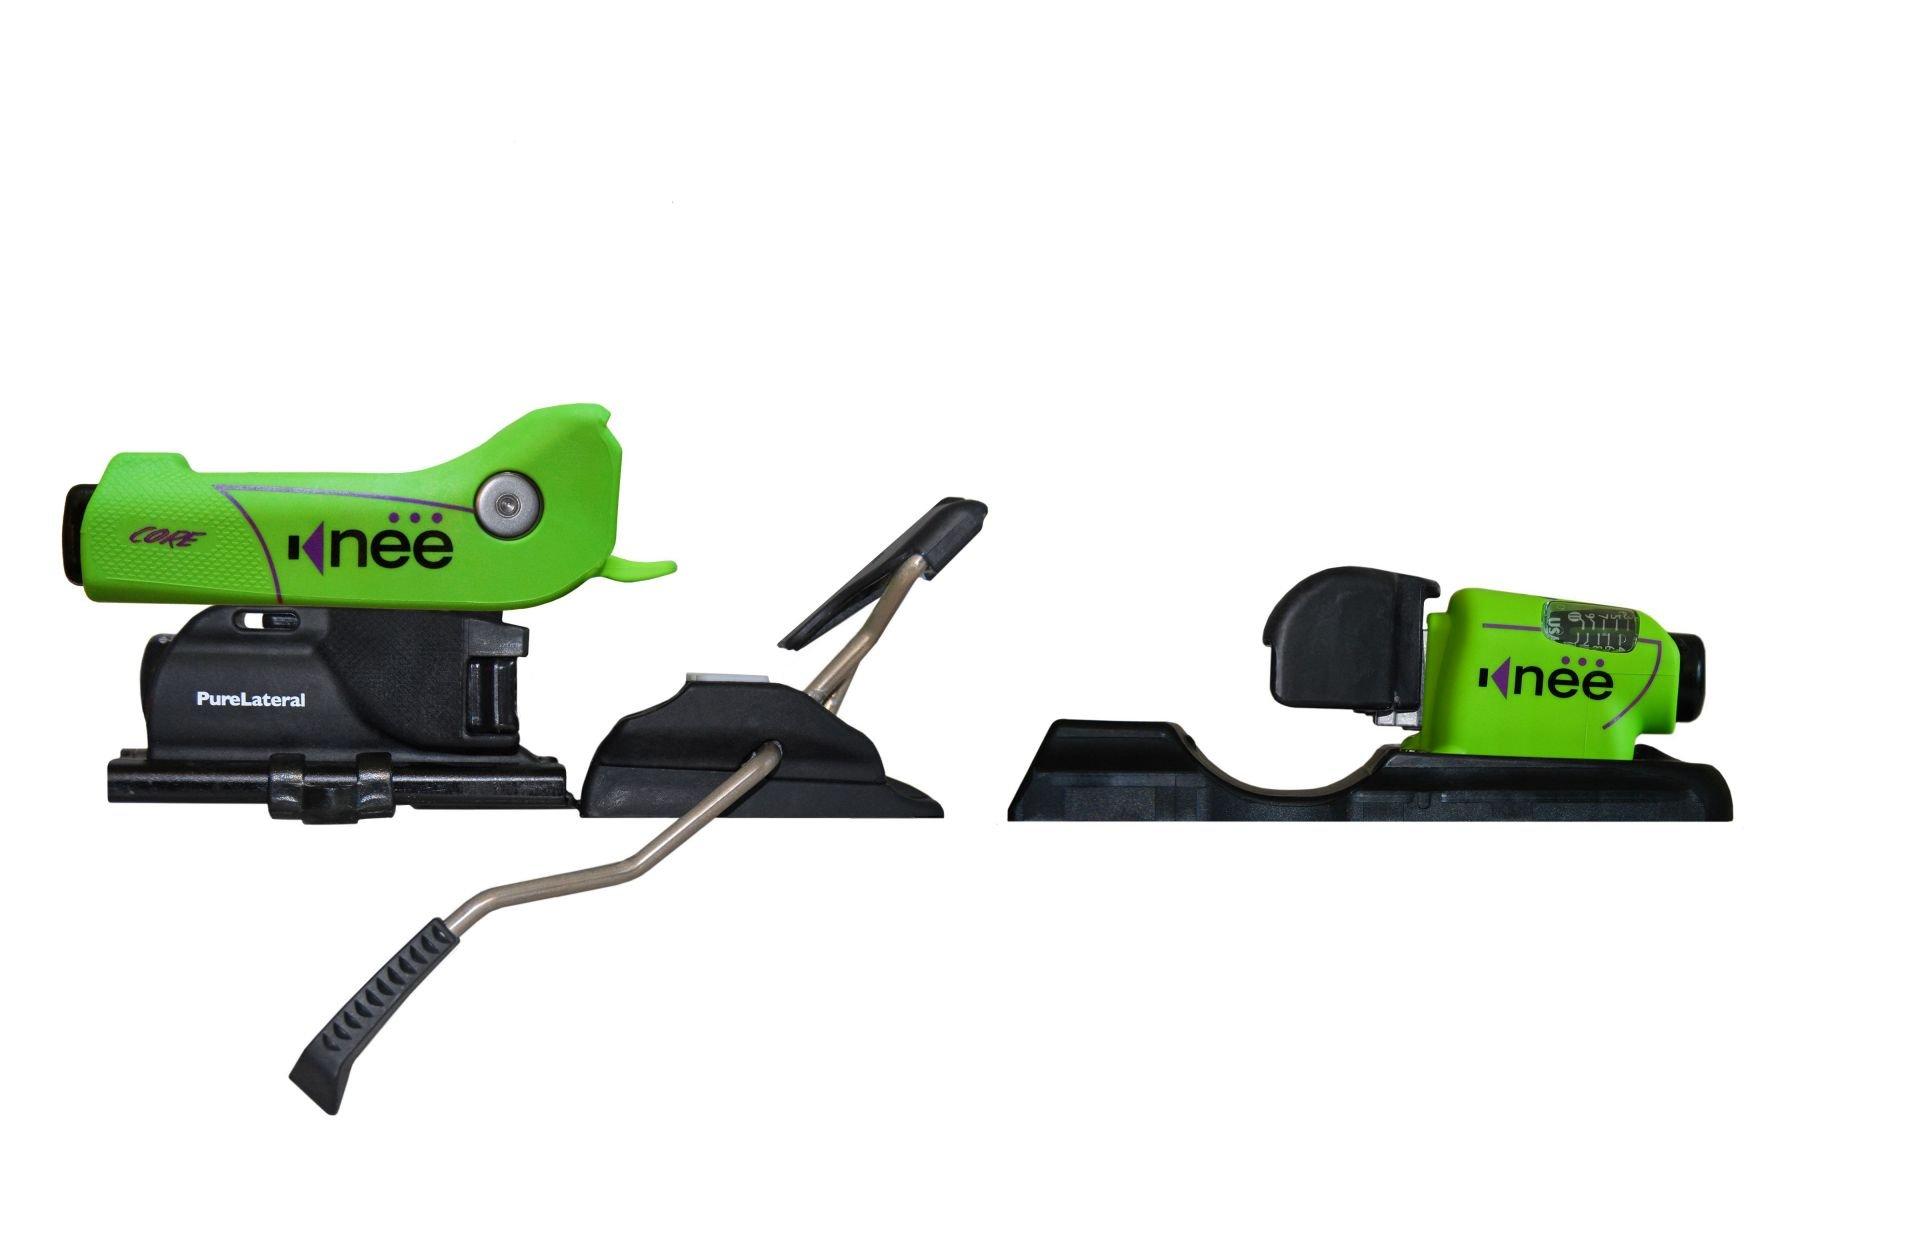 2020 KneeBinding Core Ski Binding